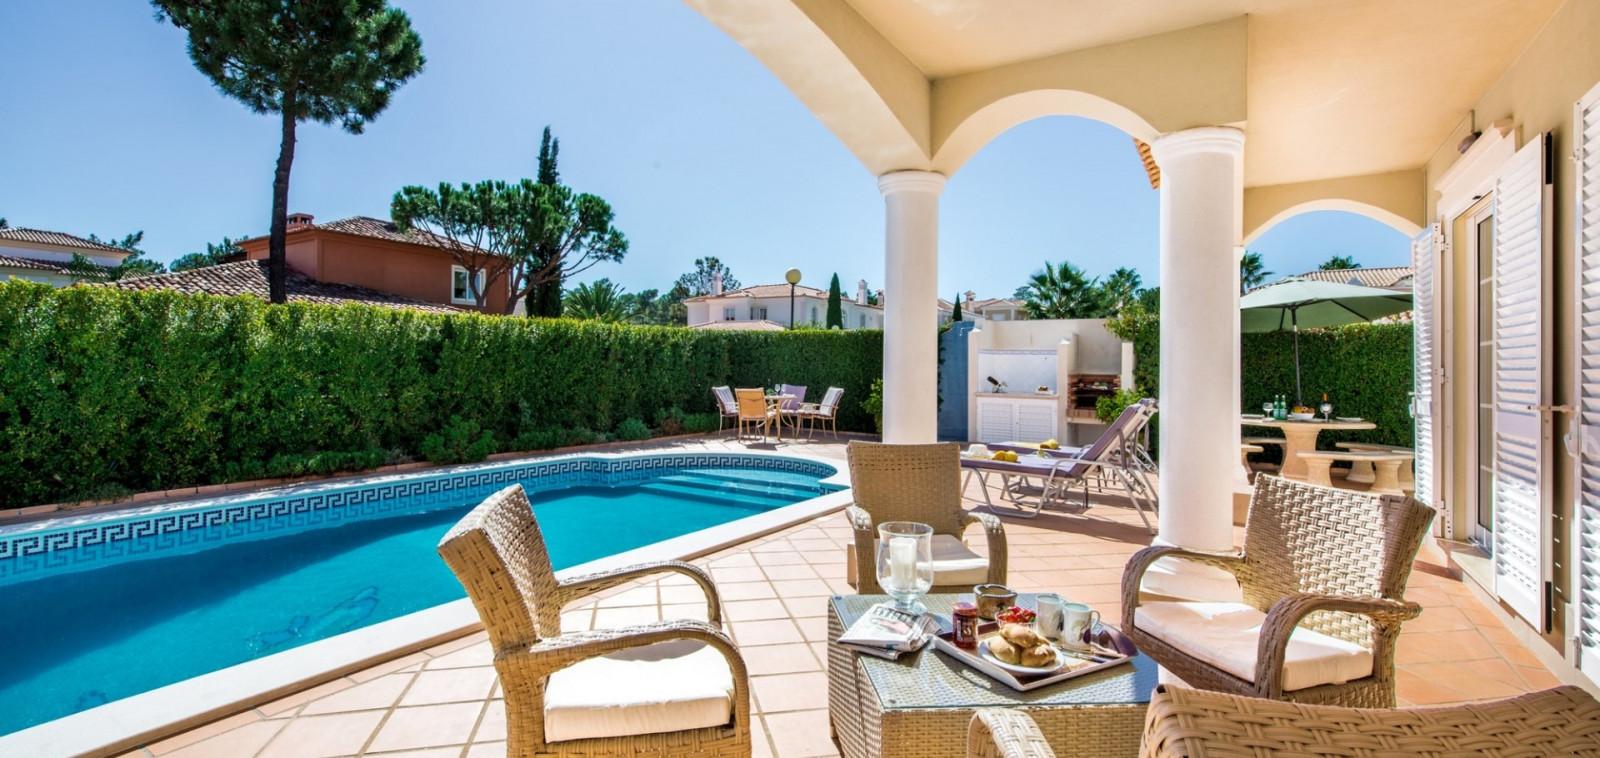 Add favourite 4 Bedroom Villa with Private